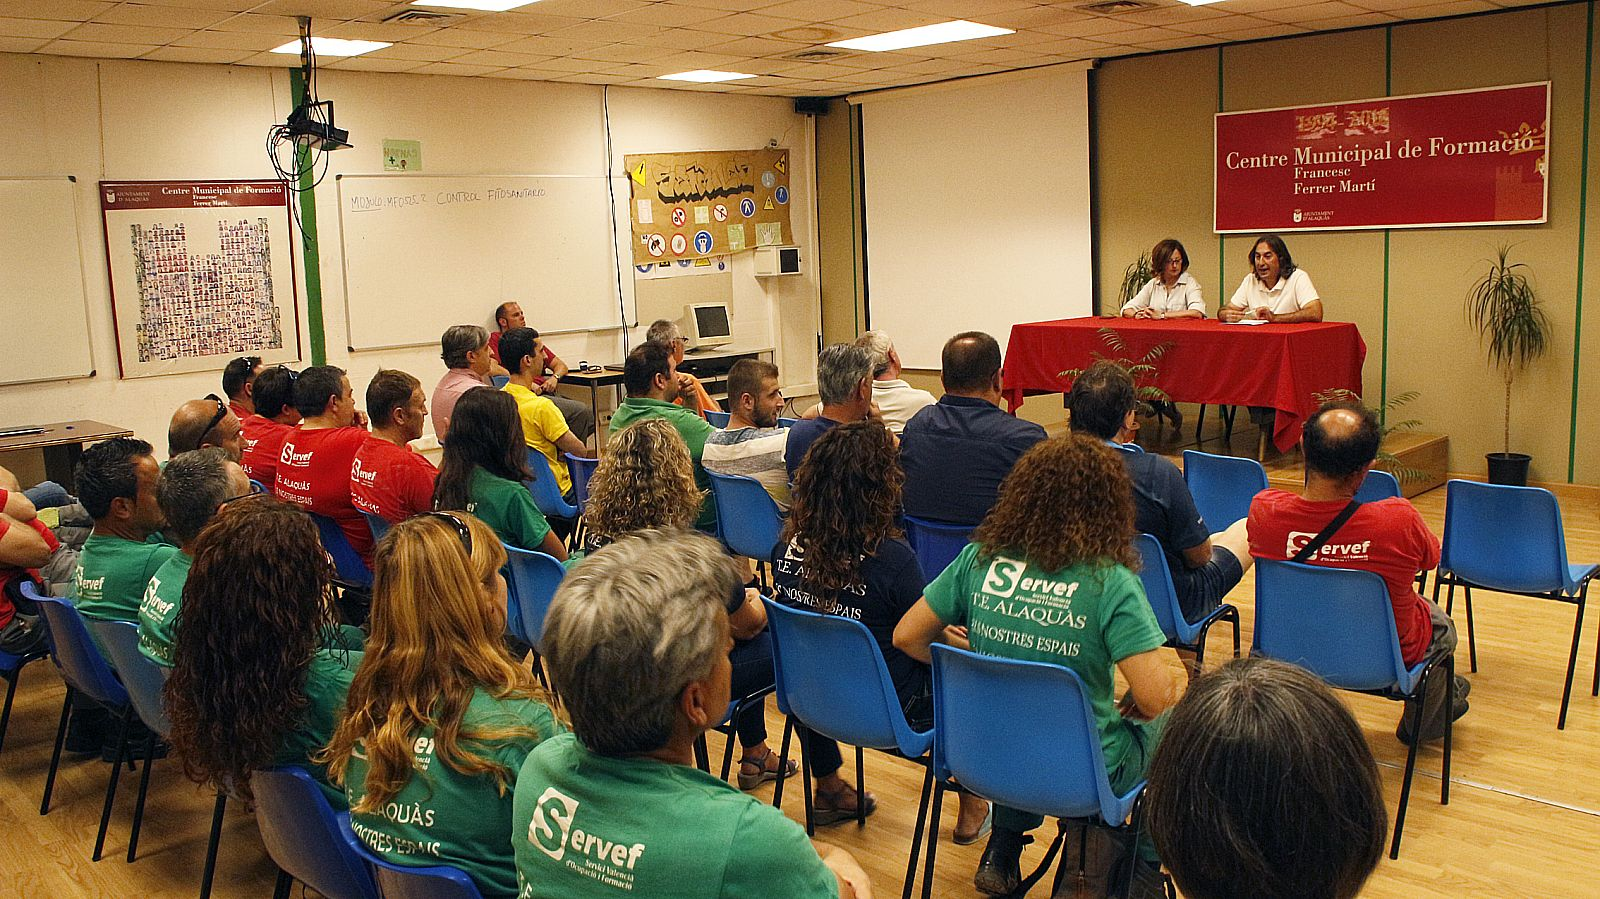 Ajuntament d 39 alaqu s prensa el ayuntamiento de alaqu s solicita al servef y a la conselleria de - Trabajo en alaquas ...